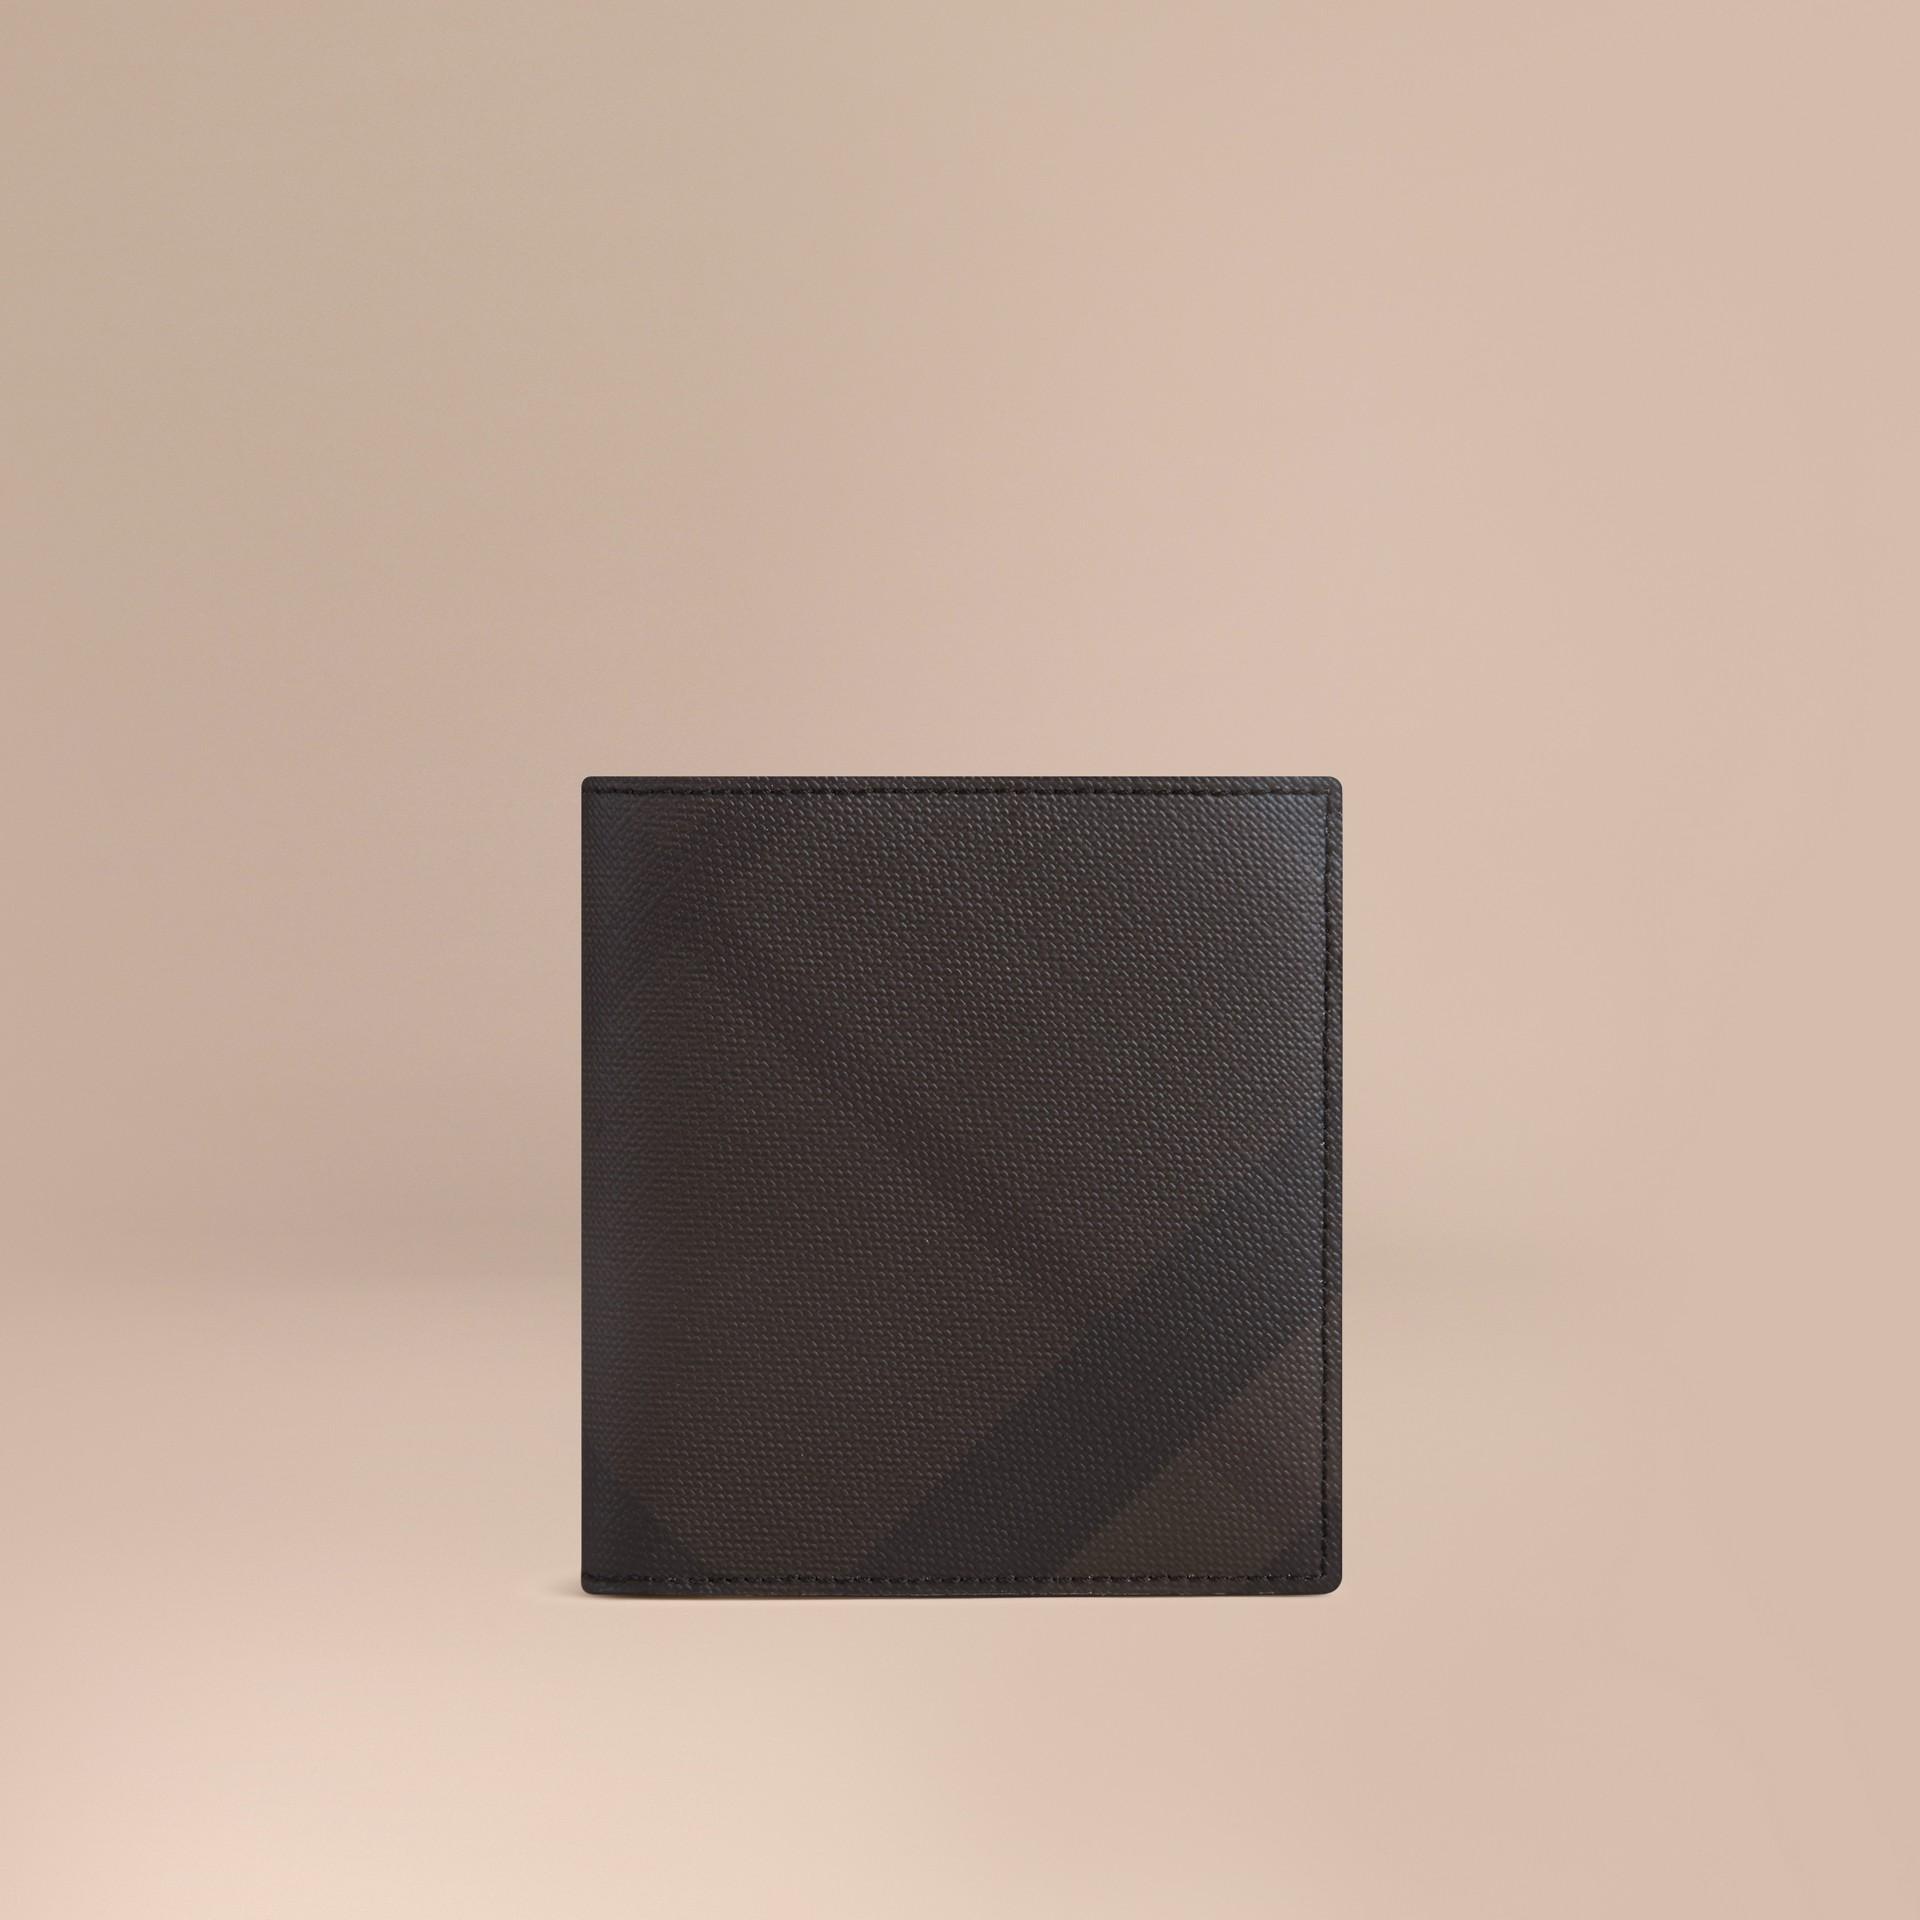 초콜릿/블랙 스모크 체크 아이디 지갑 초콜릿/블랙 - 갤러리 이미지 1